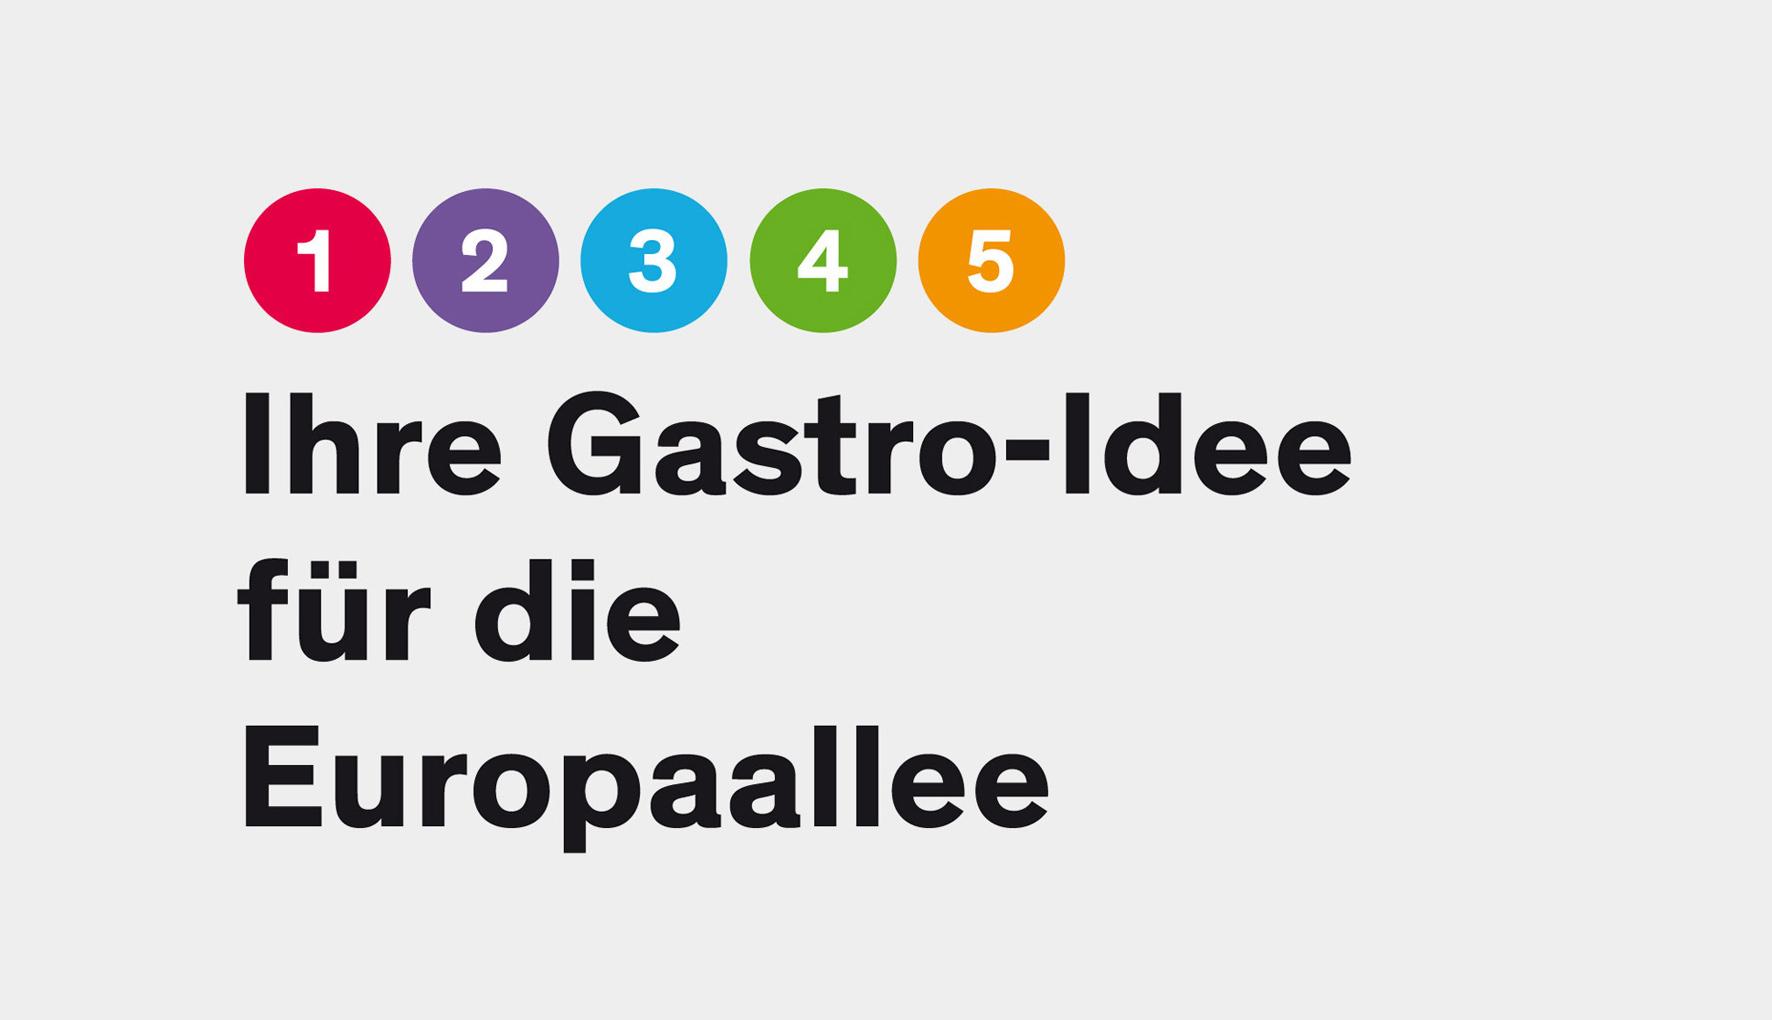 Europaallee Gastro